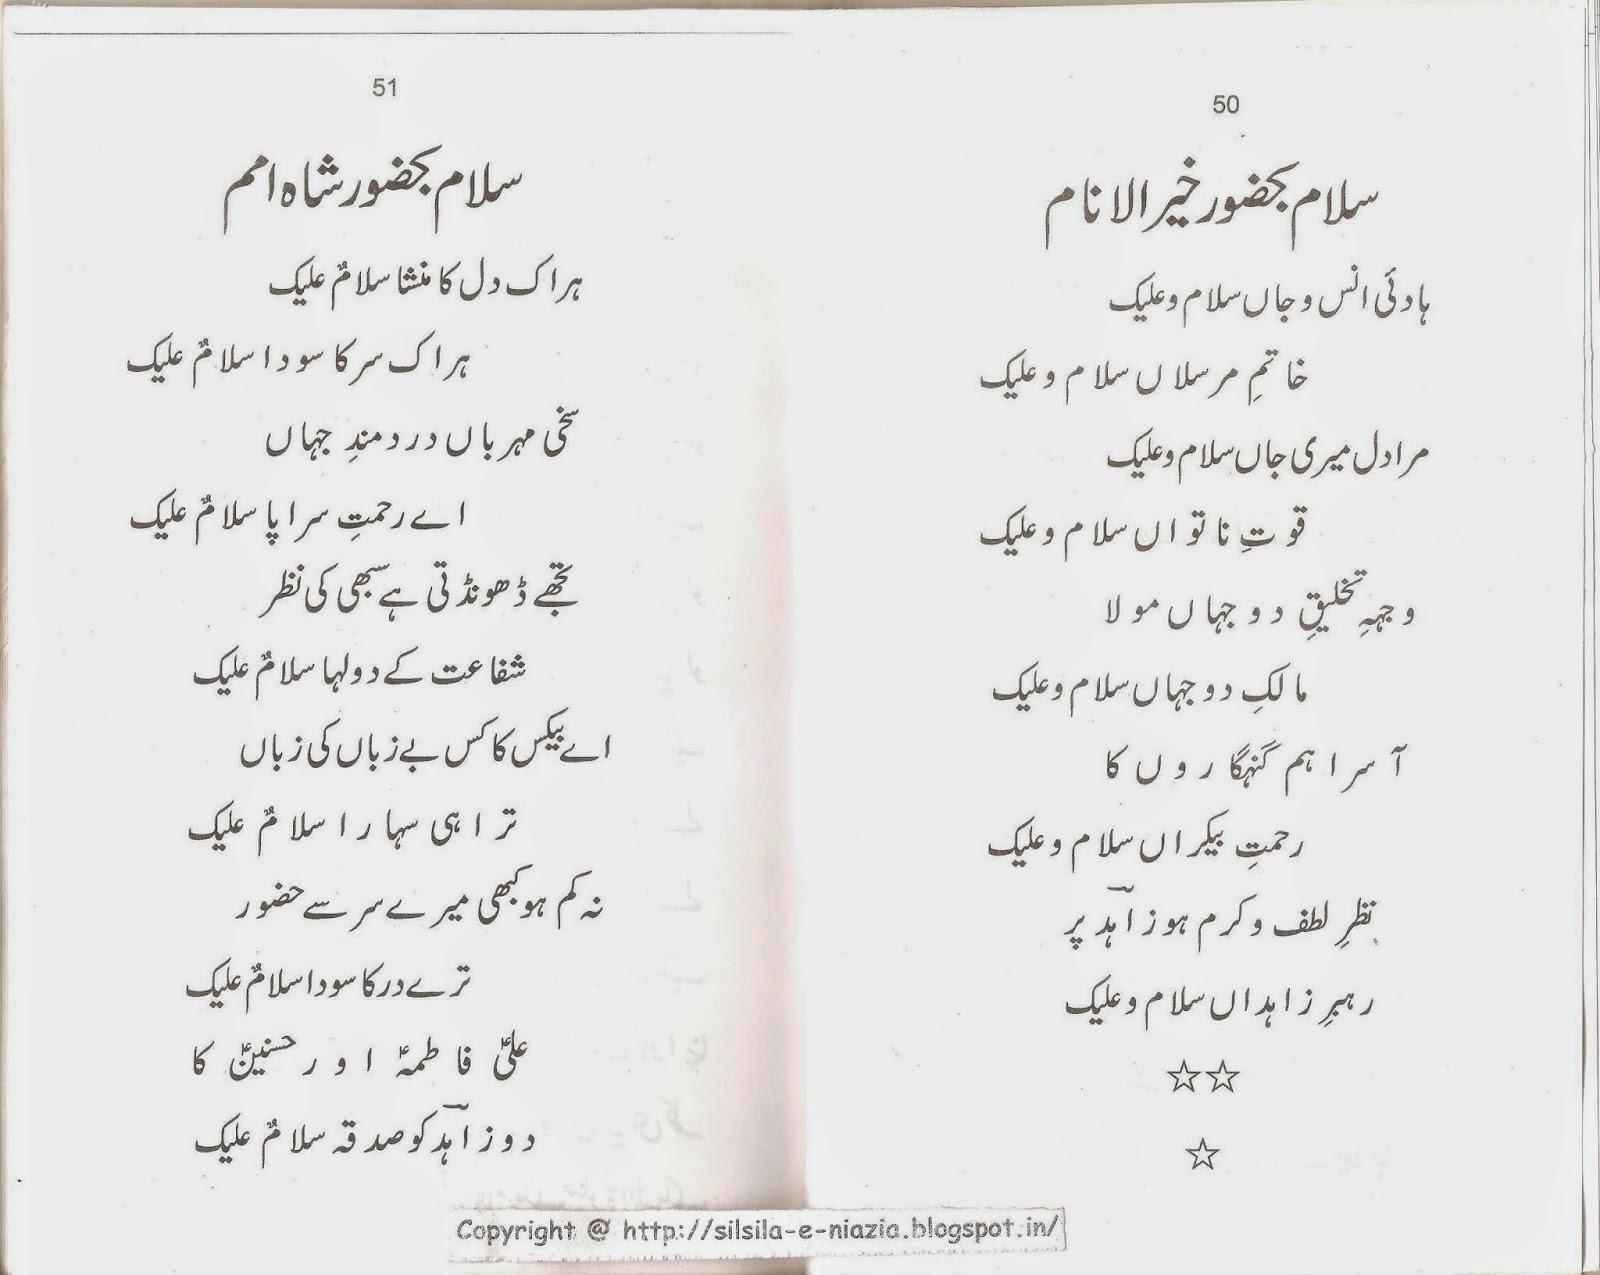 Silsila-e-Niazia: Toshia Akhrat